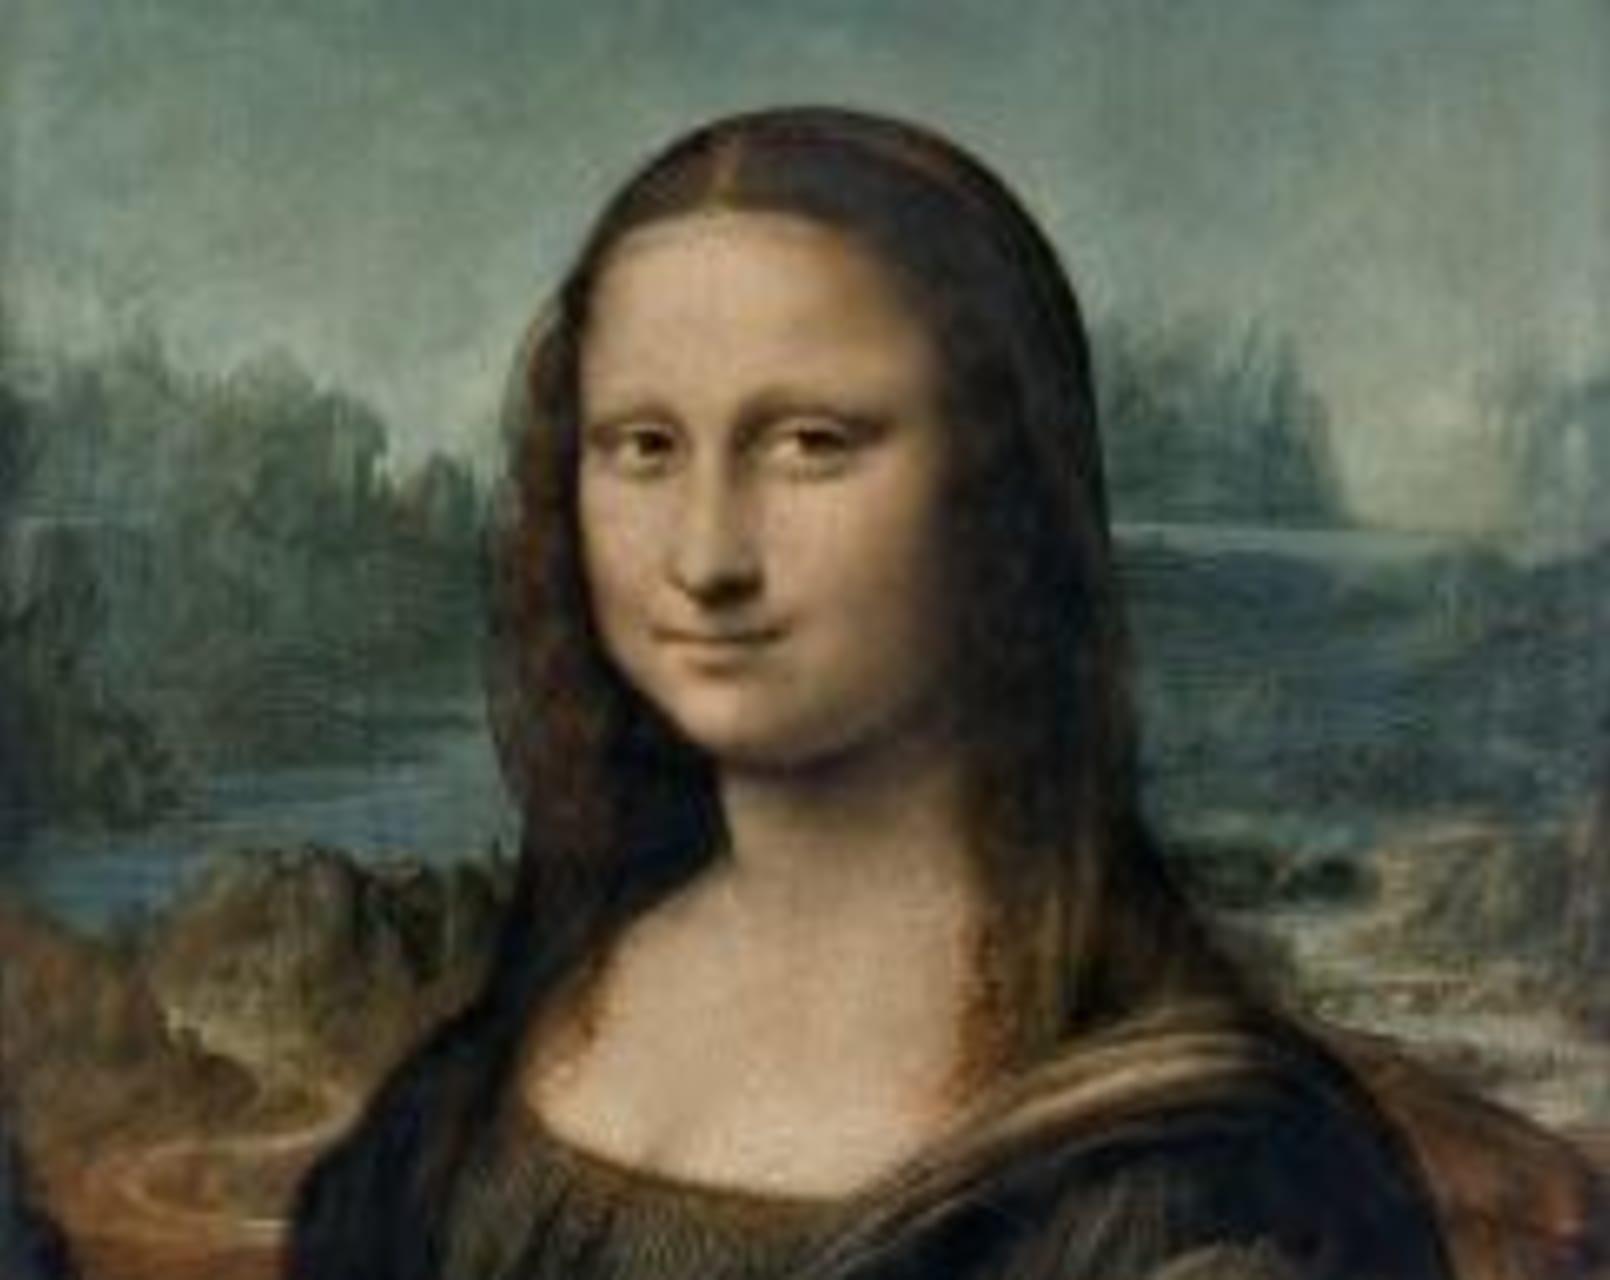 Paris - Louvre: The Italian Renaissance